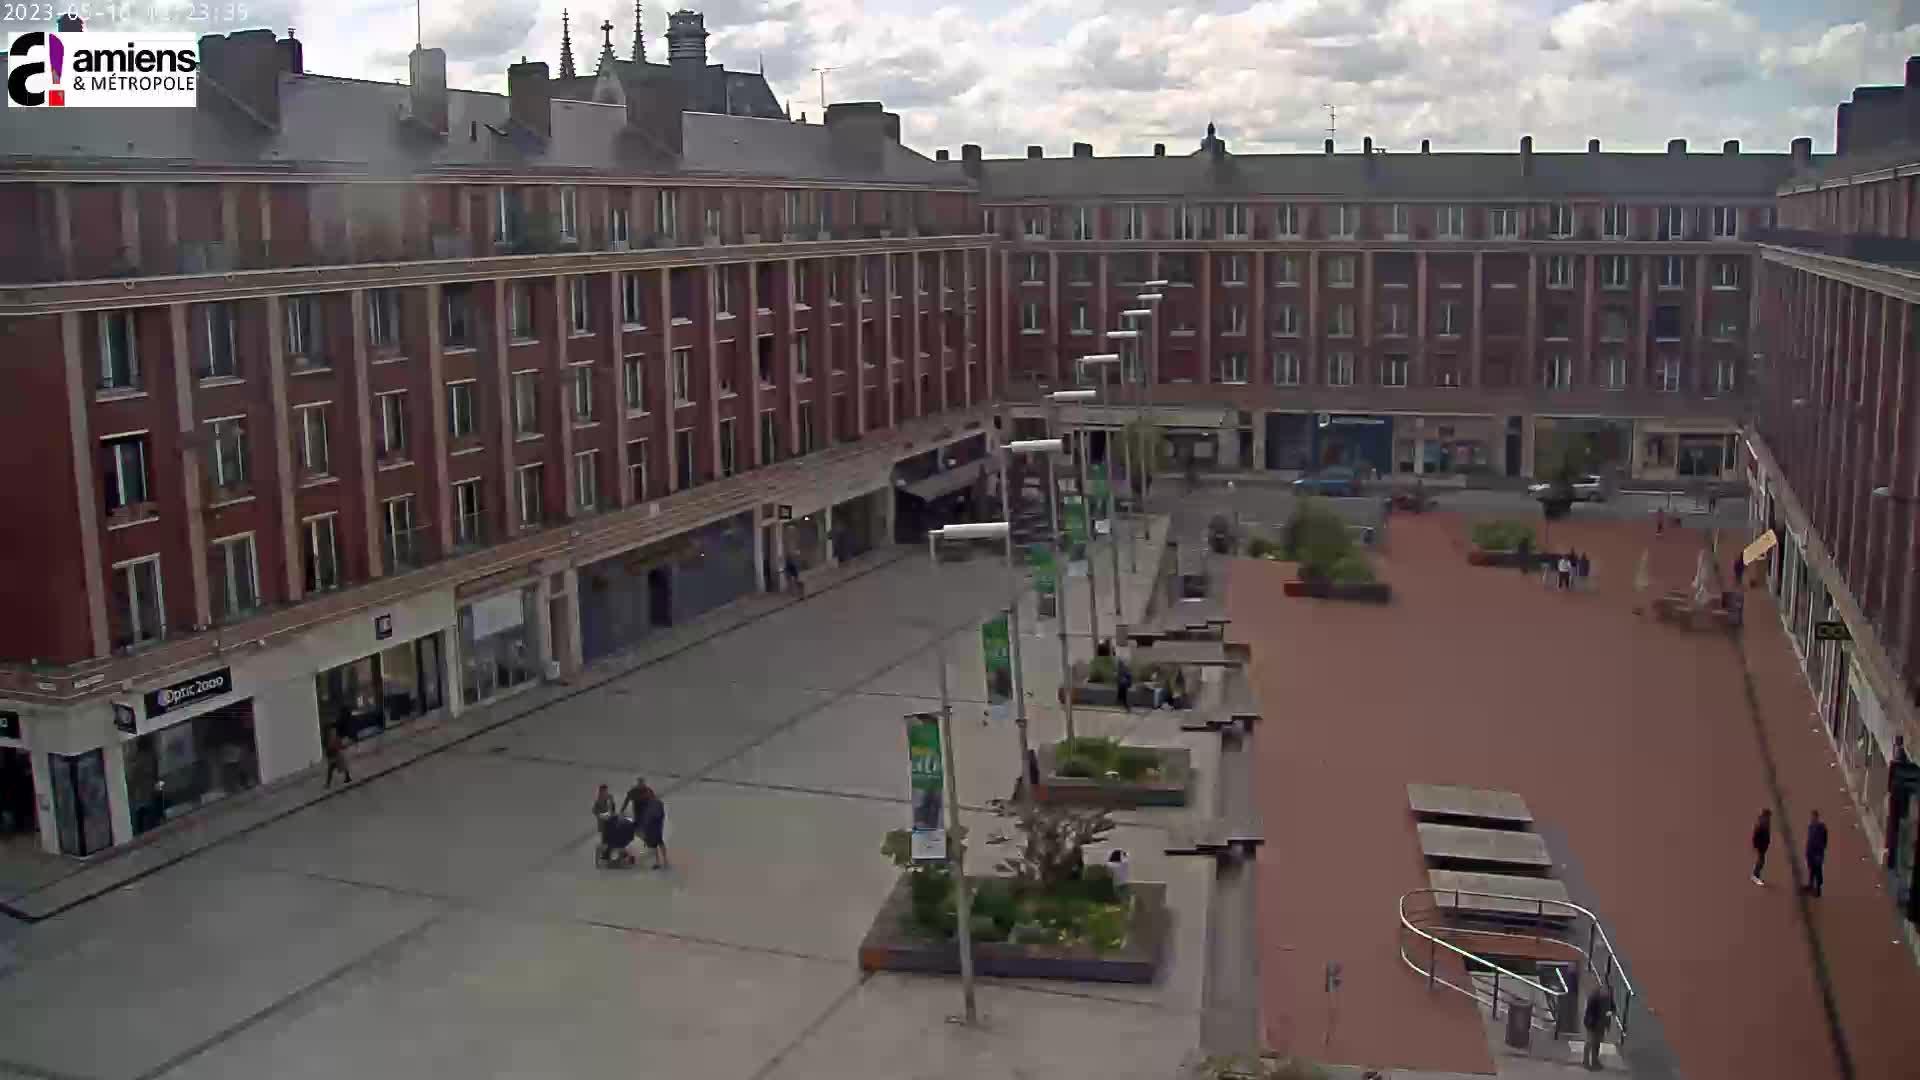 webcam Amiens - Hôtel de Ville